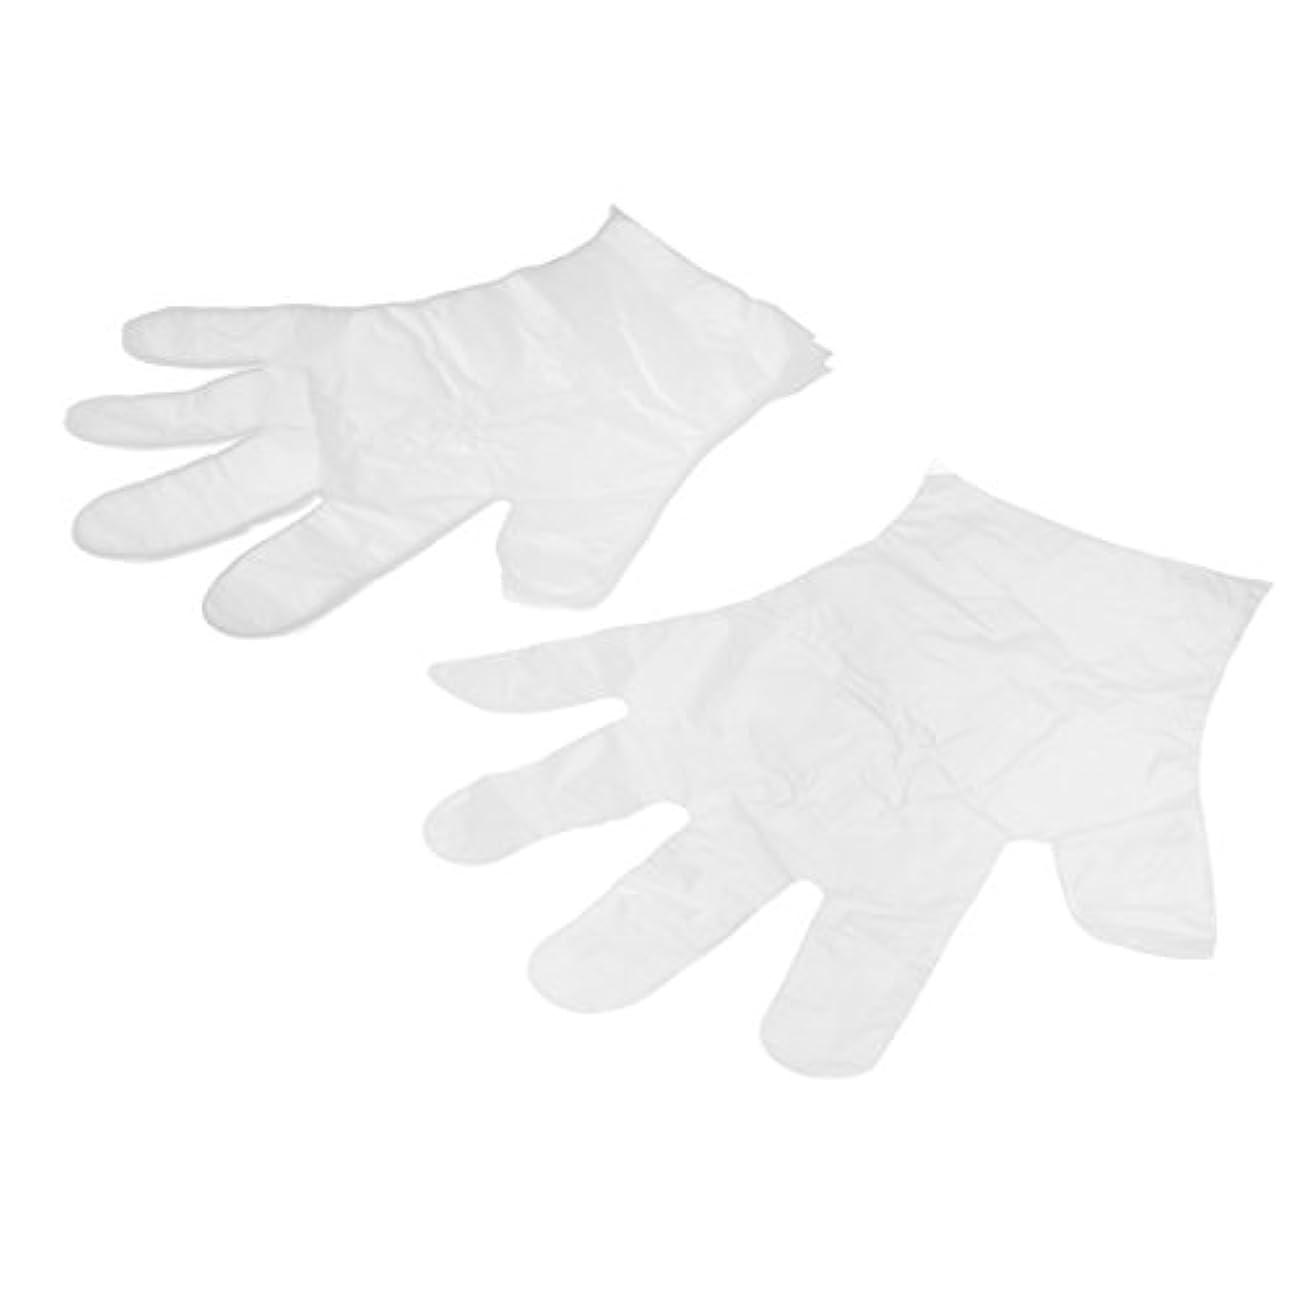 野球面白いグレートバリアリーフuxcell 使い捨て手袋 家庭用 食べ物サービス 手の保護 透明 プラスチック 28 x 20cm 25ペア入り